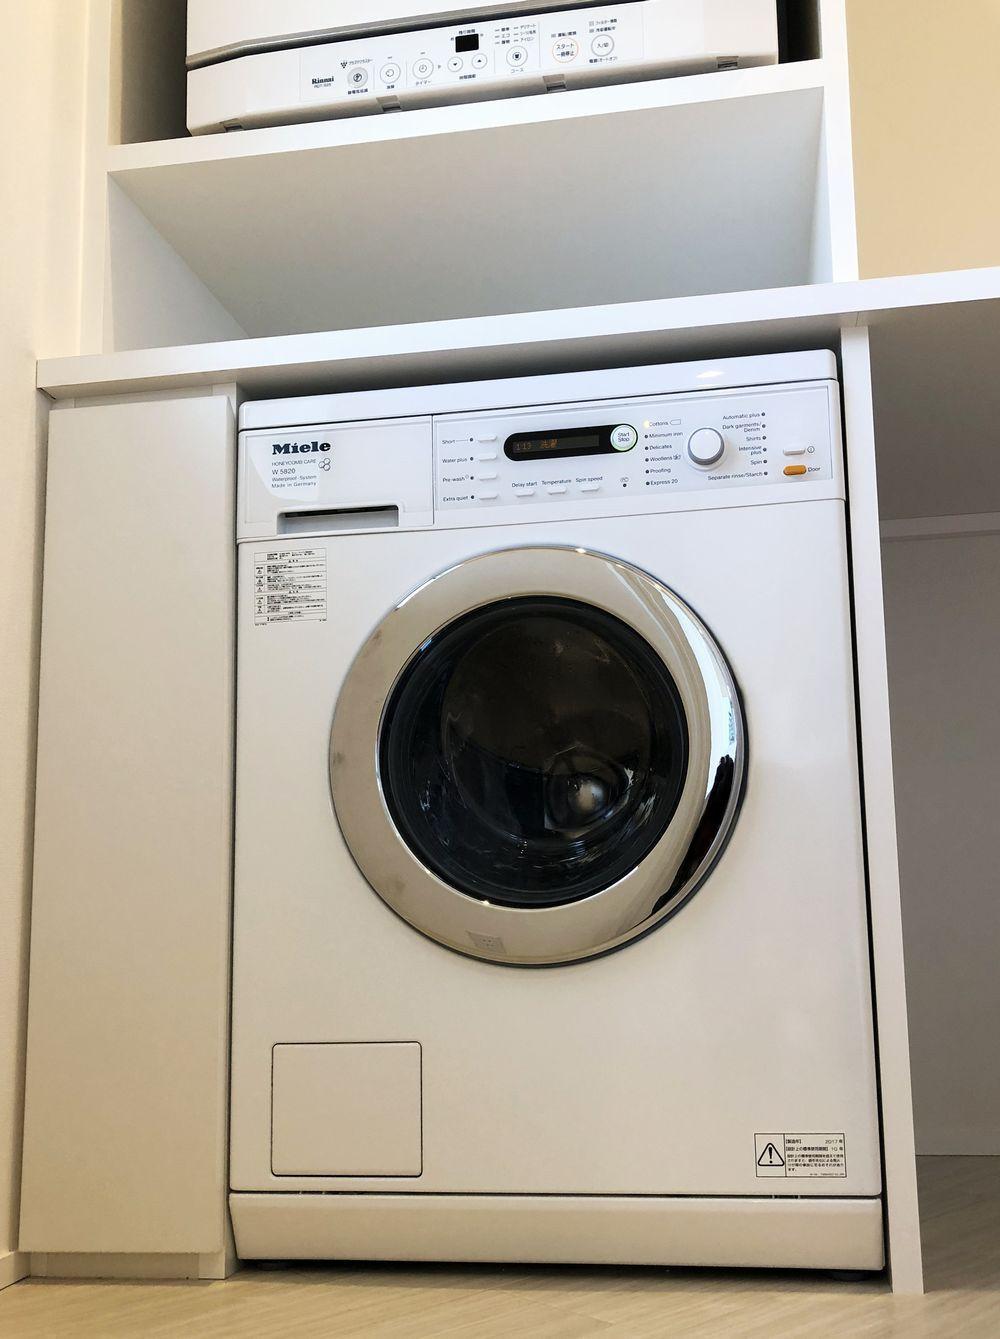 ナチュラル空間への食洗機、洗濯機設置_a0155290_11462409.jpg